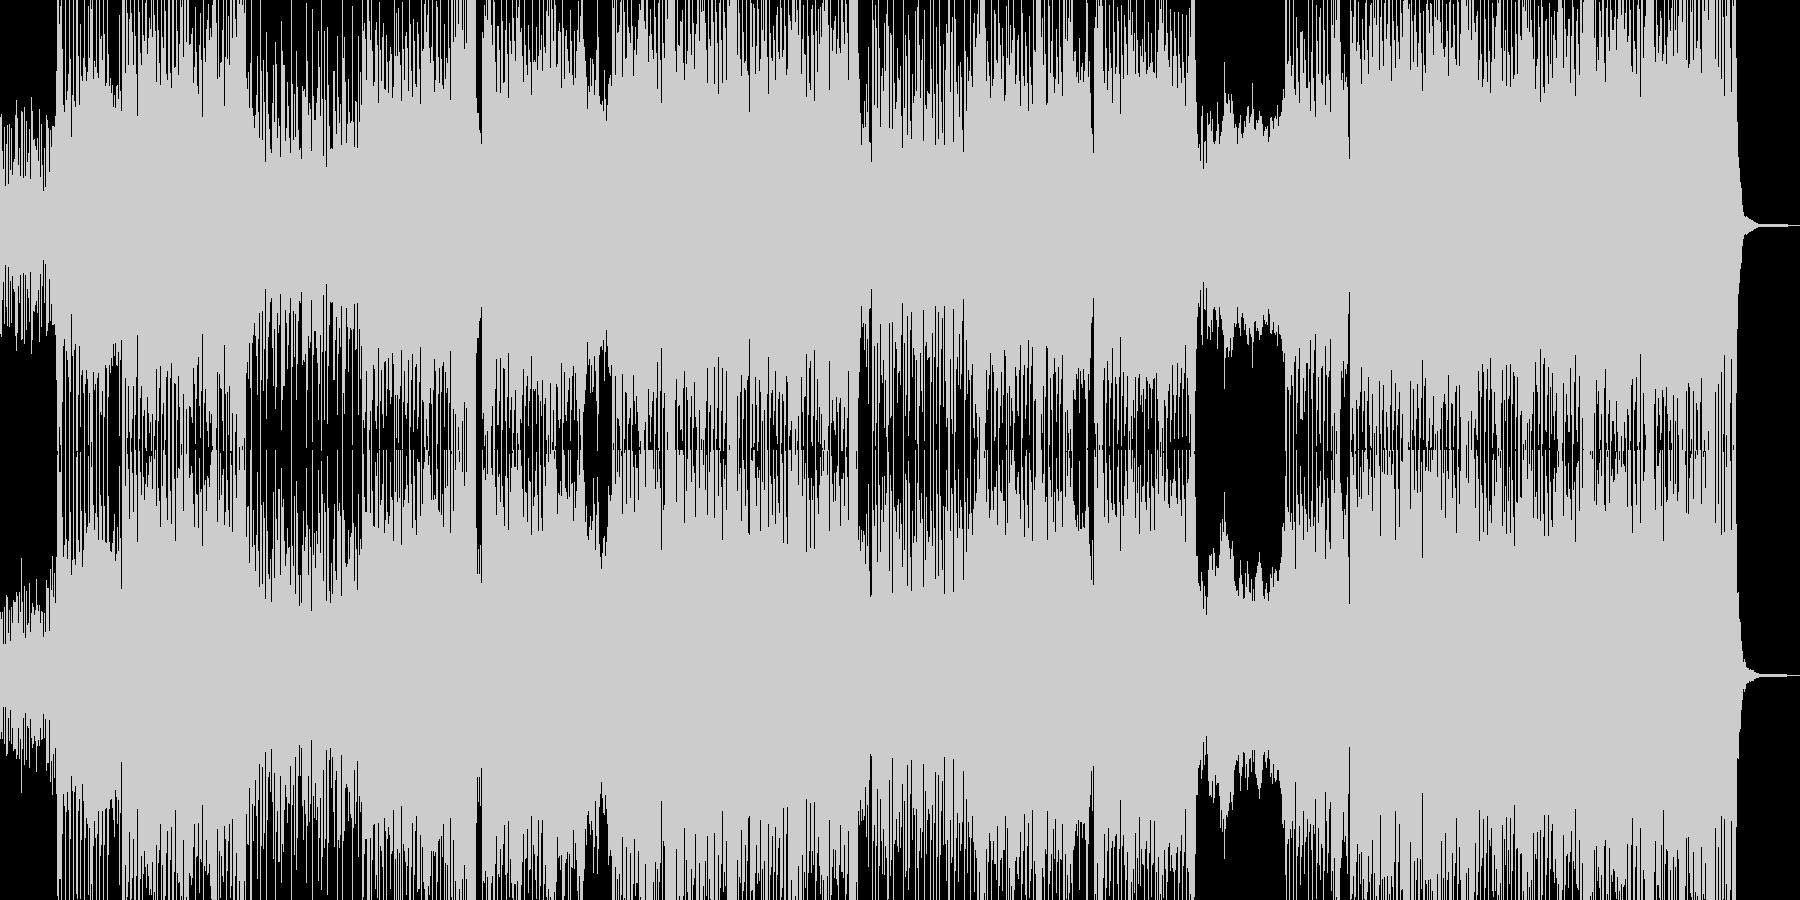 カーチェイステイストのテクノコアの未再生の波形